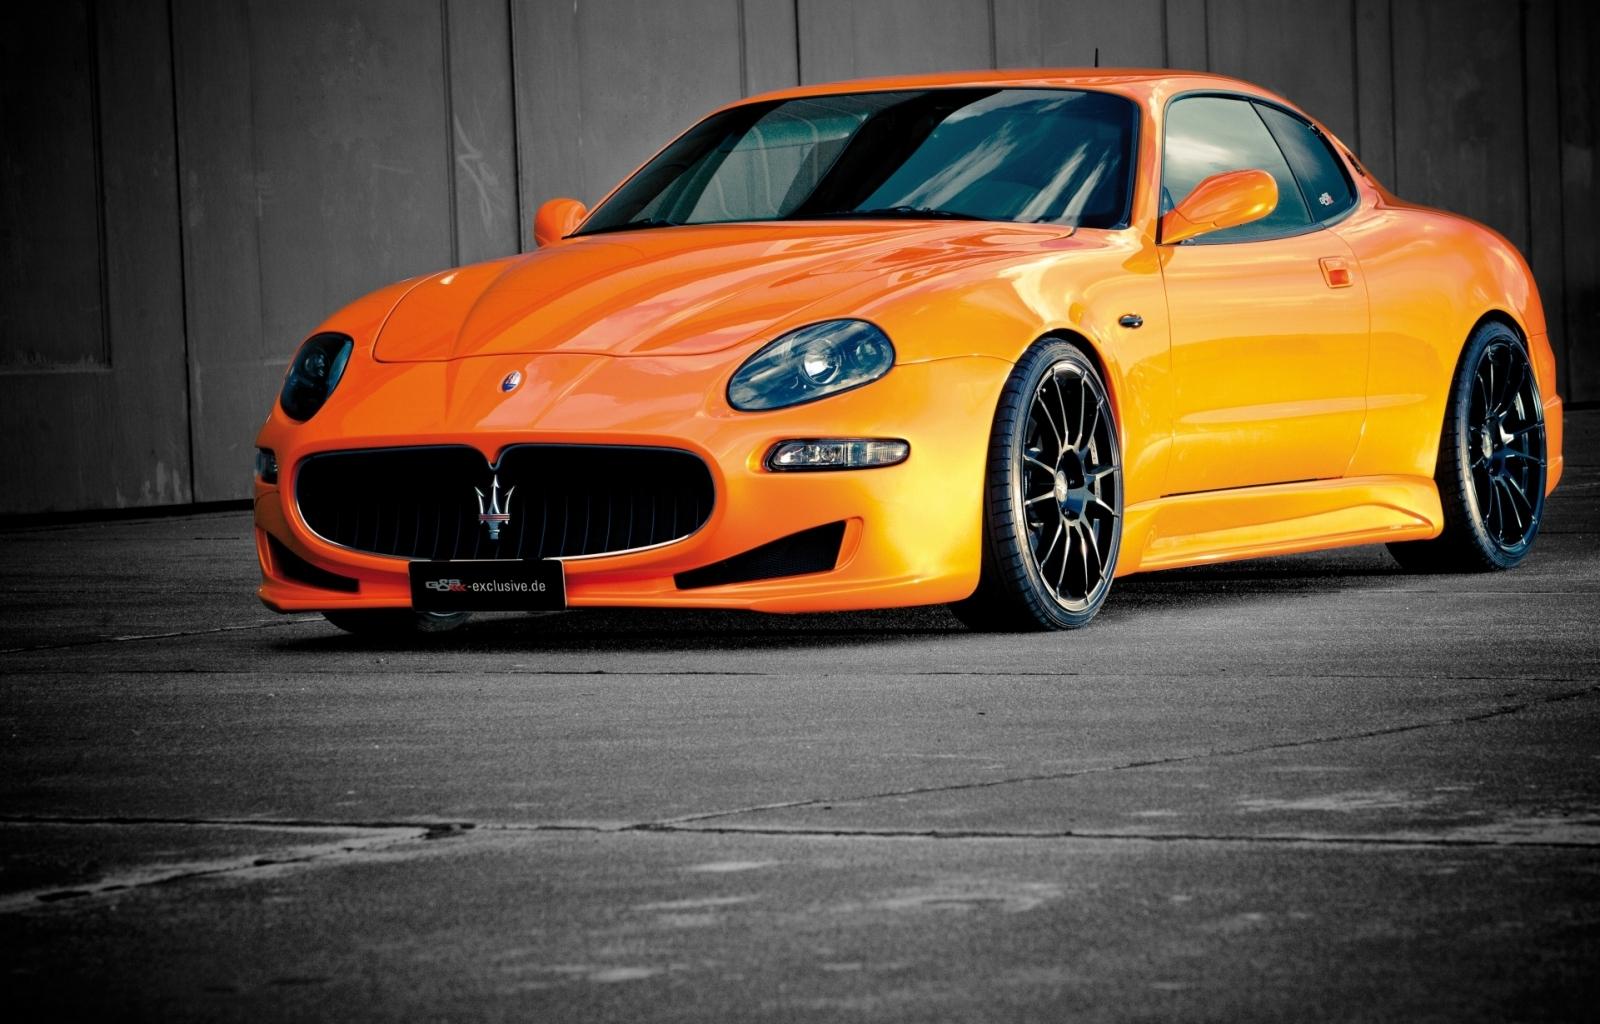 45614 скачать обои Транспорт, Машины, Мазератти (Maserati) - заставки и картинки бесплатно